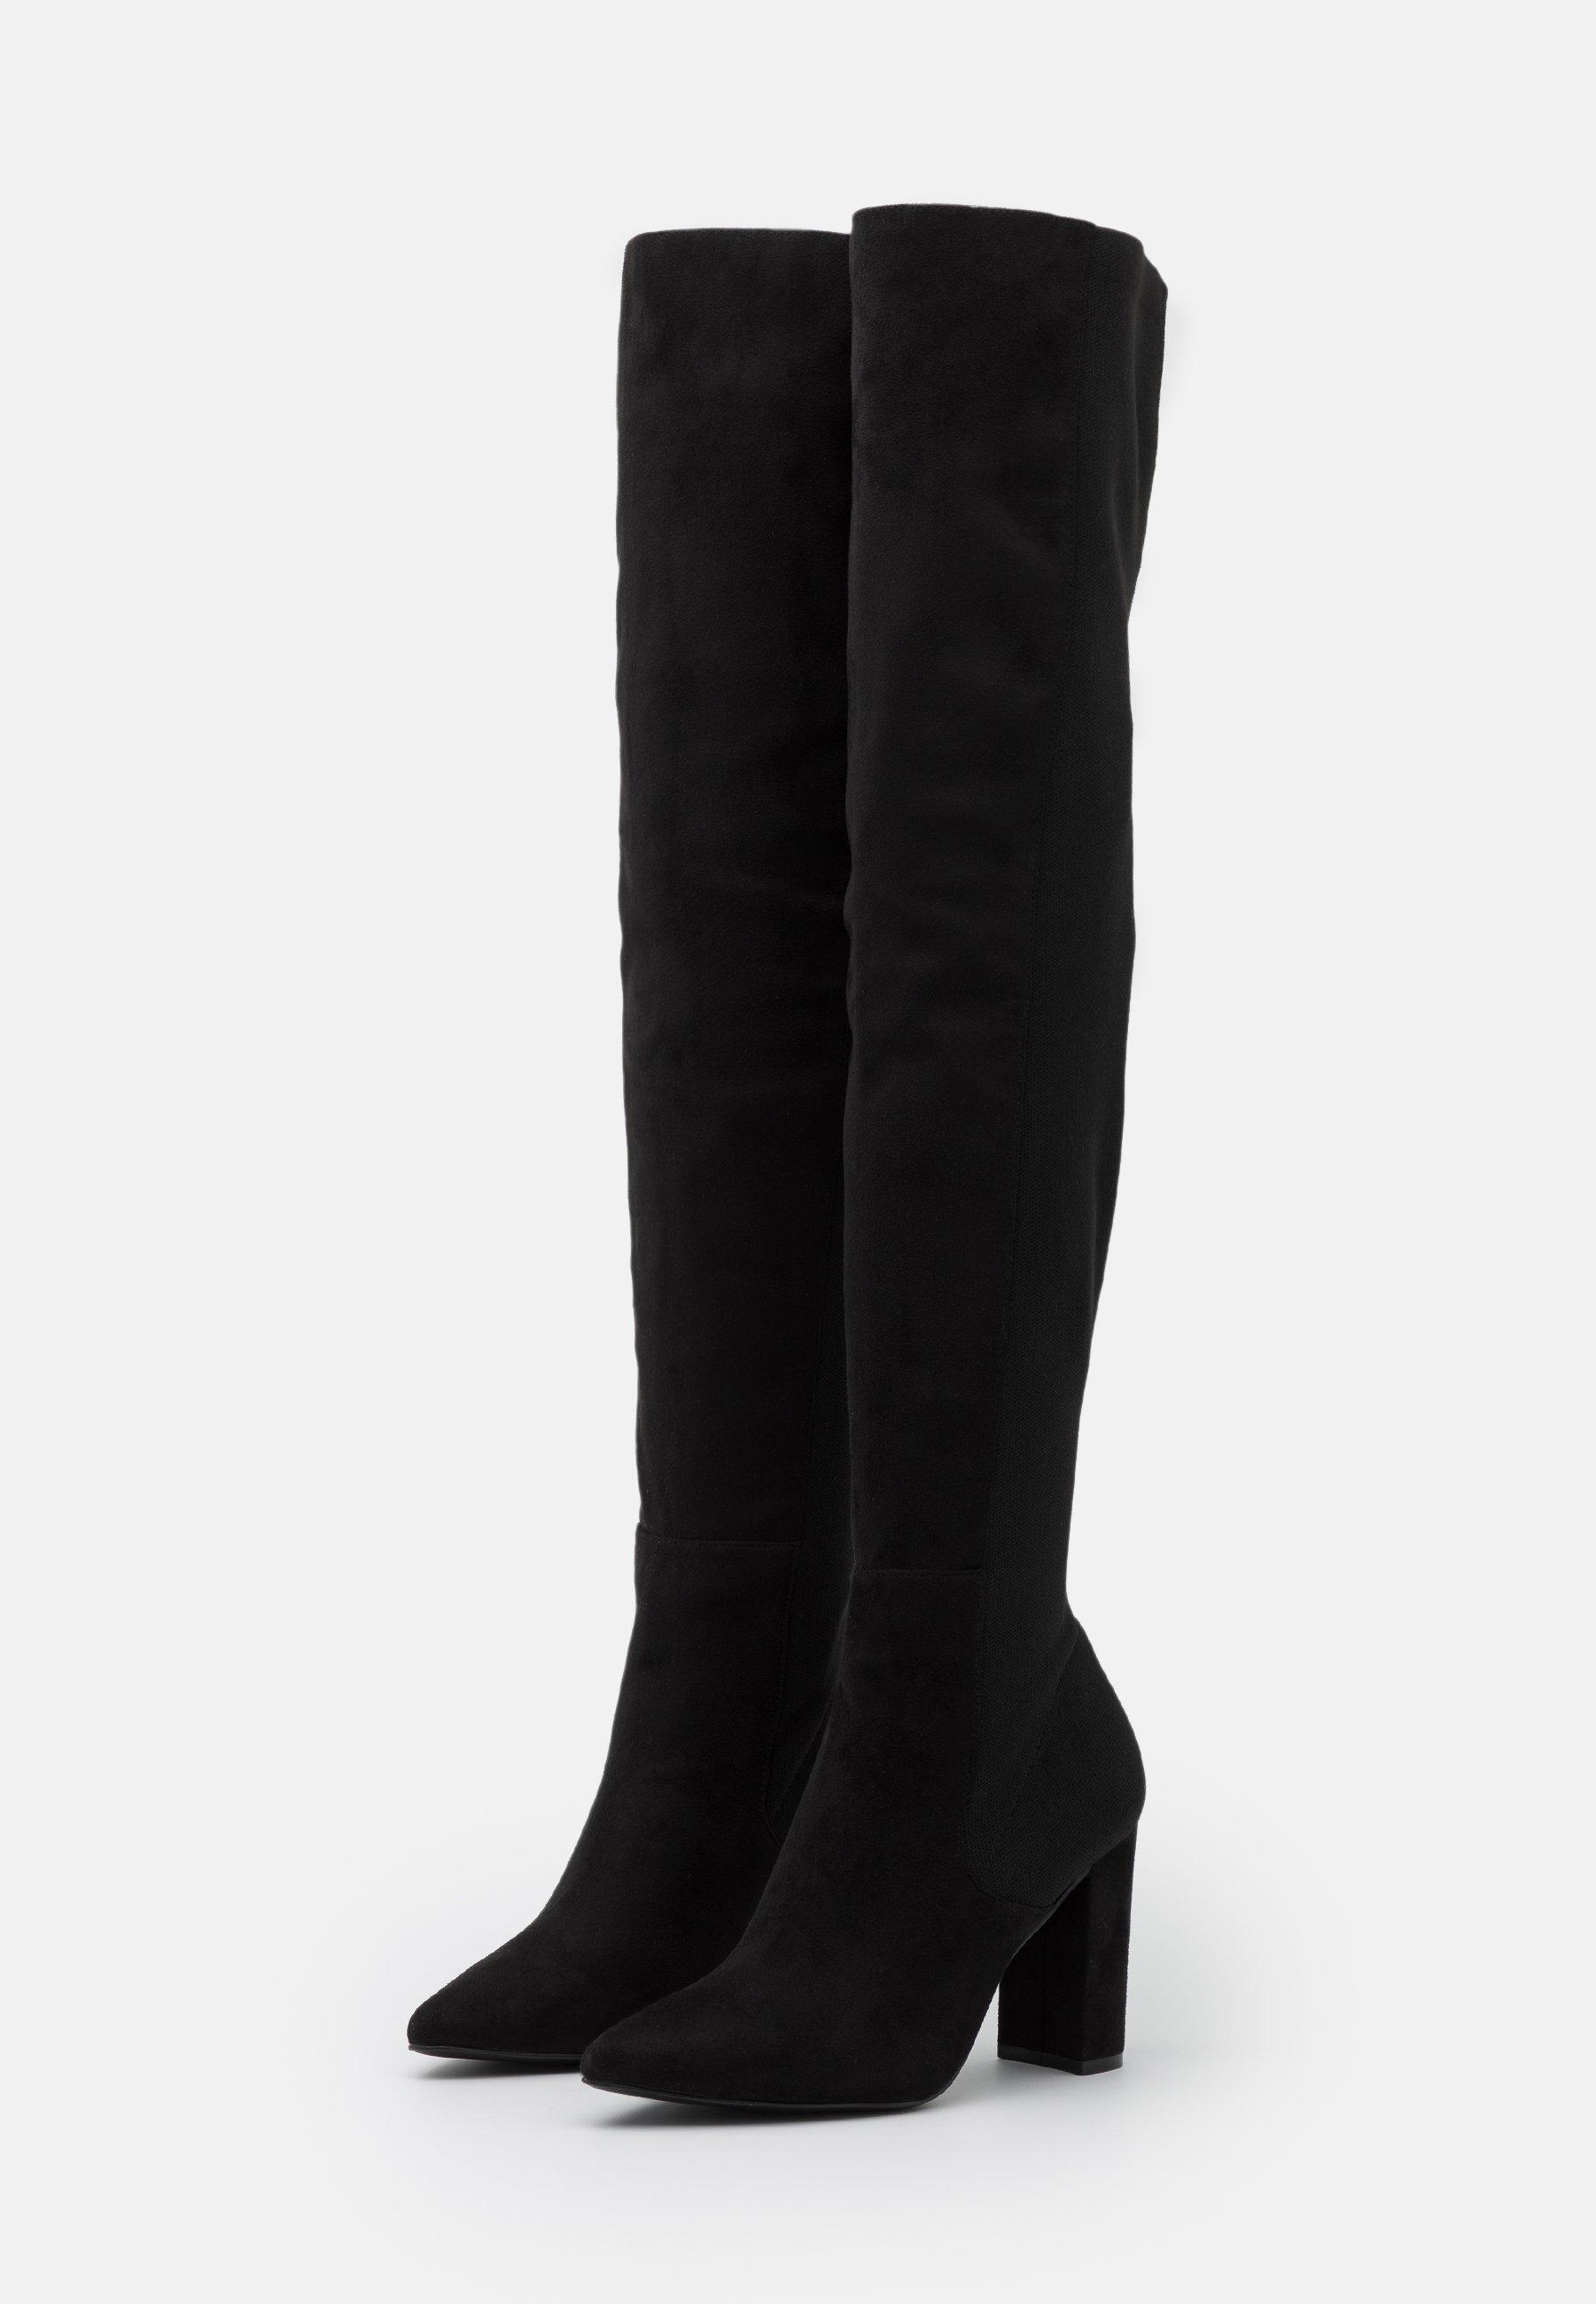 Steve Madden EVERLEY High Heel Stiefel black/schwarz